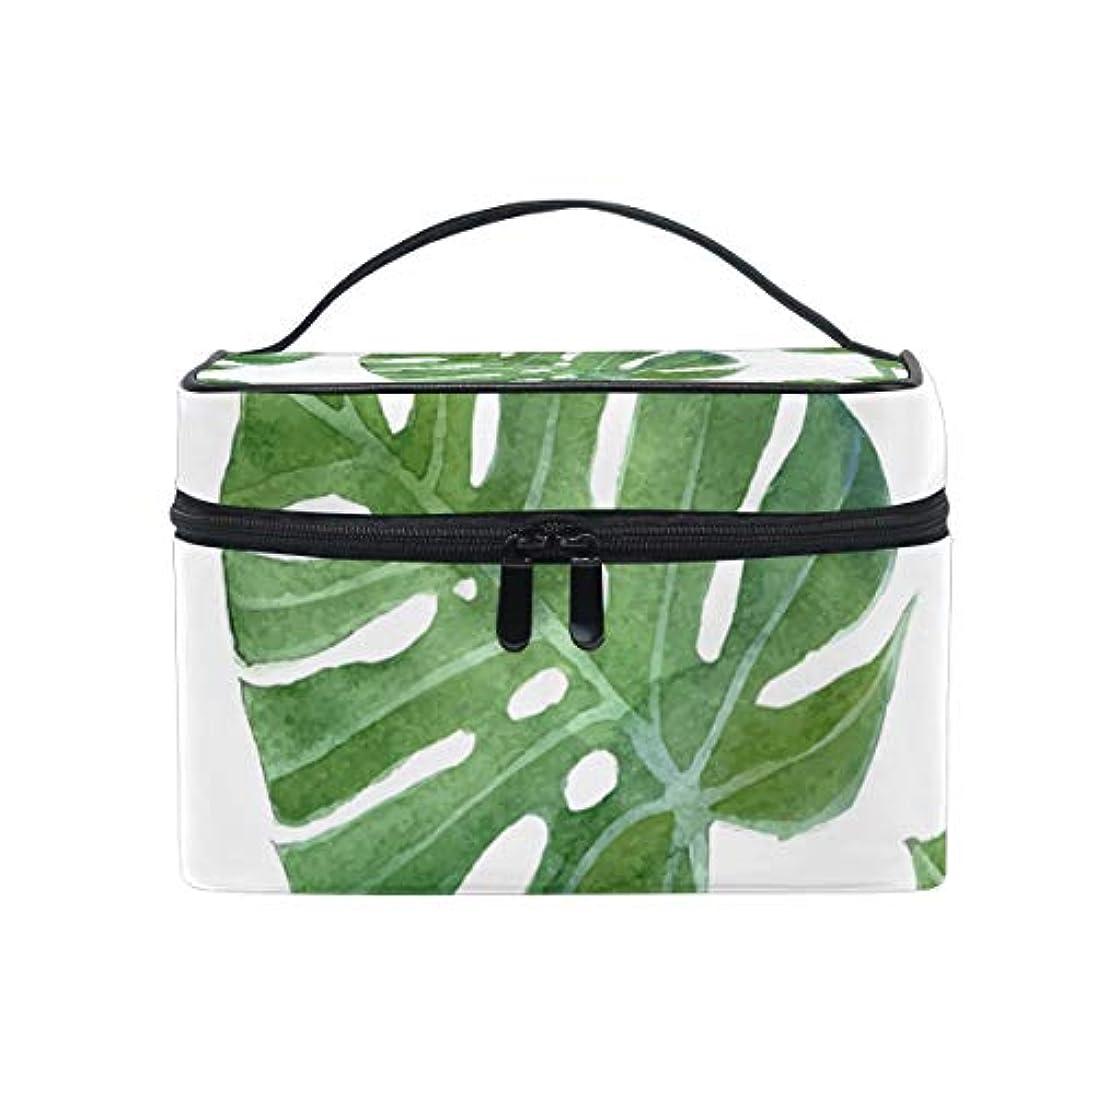 祖先花ショルダーユキオ(UKIO) メイクポーチ 大容量 シンプル かわいい 持ち運び 旅行 化粧ポーチ コスメバッグ 化粧品 ハワイ 葉 緑 レディース 収納ケース ポーチ 収納ボックス 化粧箱 メイクバッグ